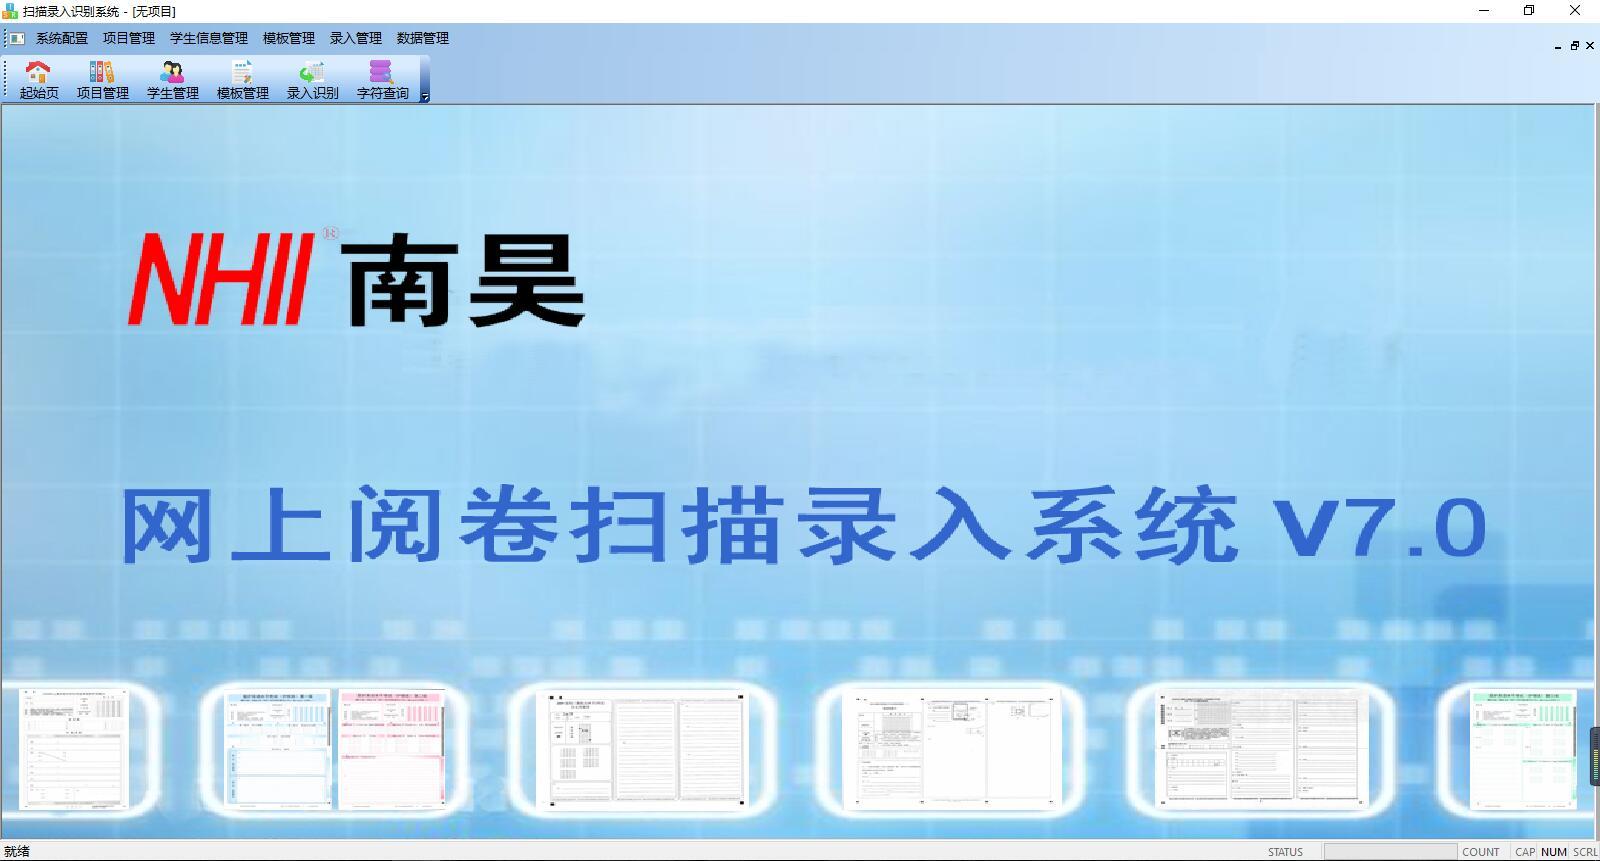 乌恰县扫描阅卷系统新闻 快速手机阅卷系统价格|新闻动态-河北文柏云考科技发展有限公司